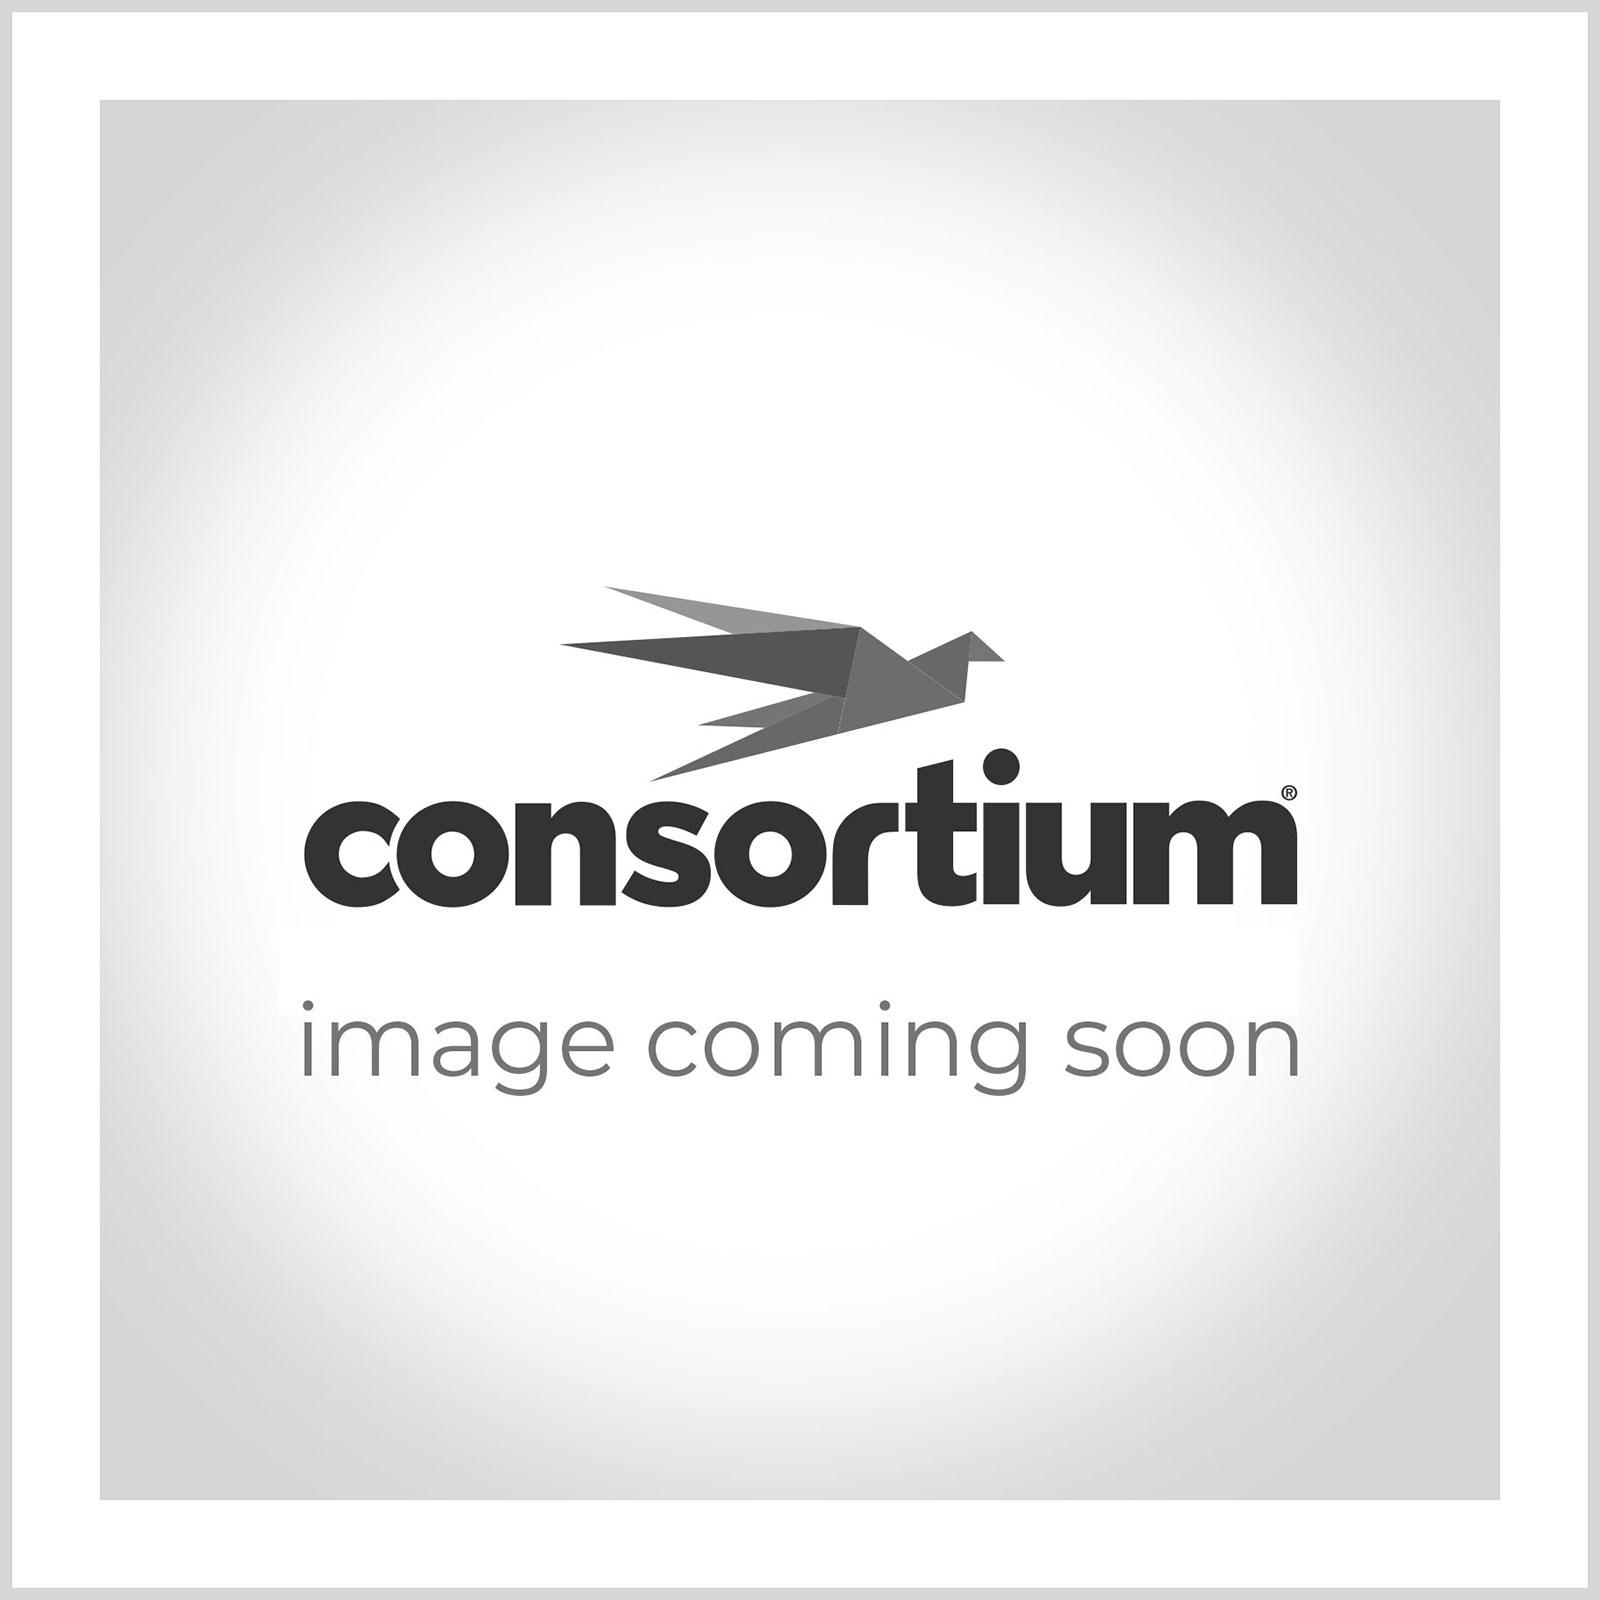 Consortium Anti-Bacterial Hand Soap